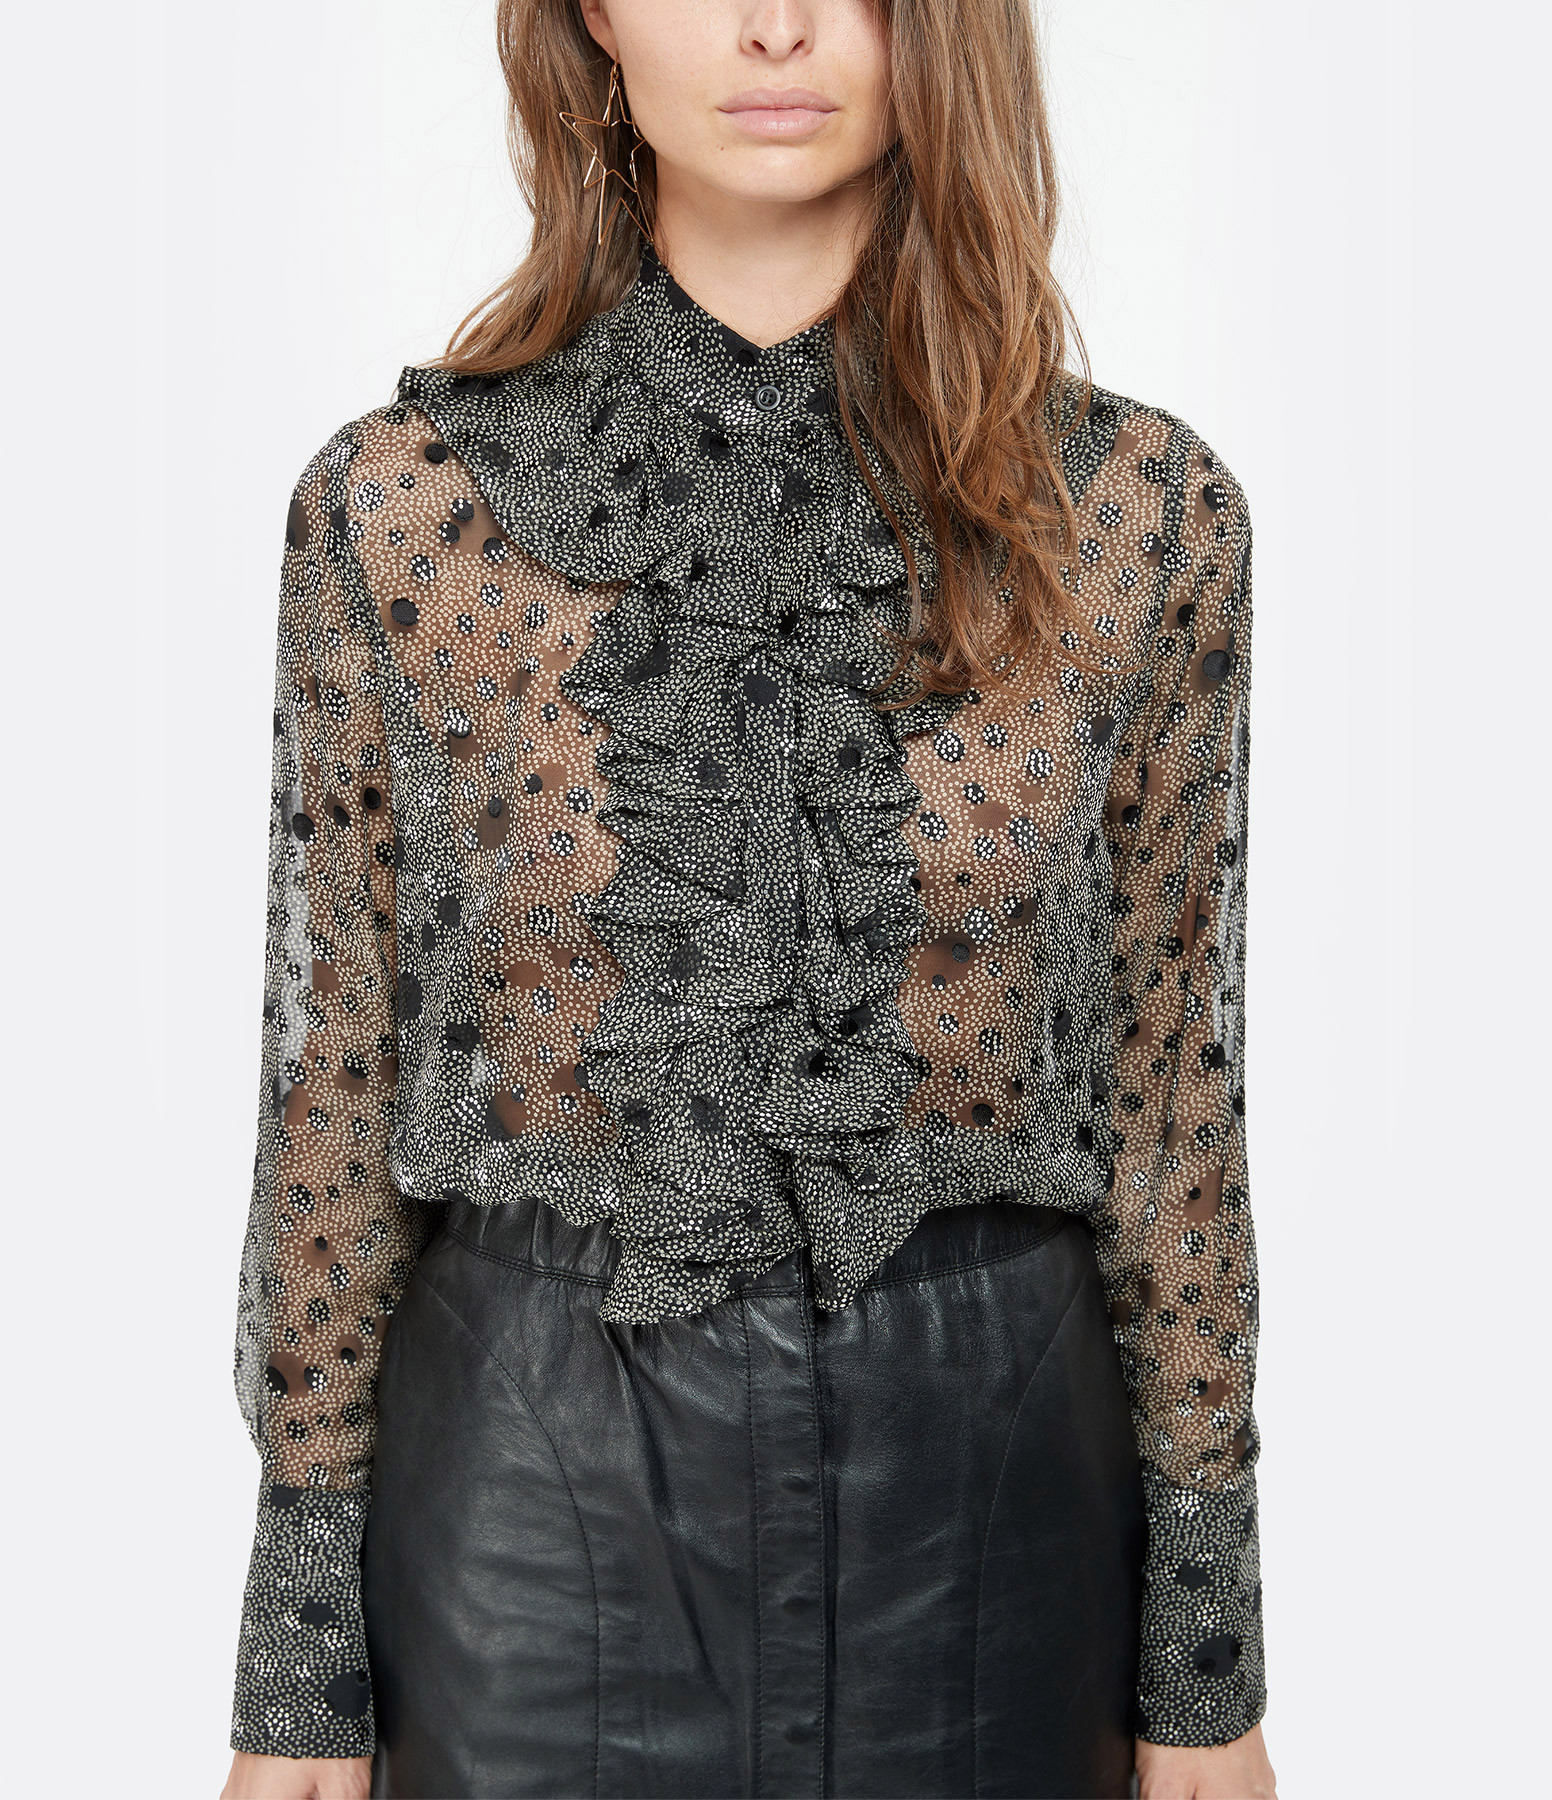 MARGAUX LONNBERG - Chemise Palma Noir